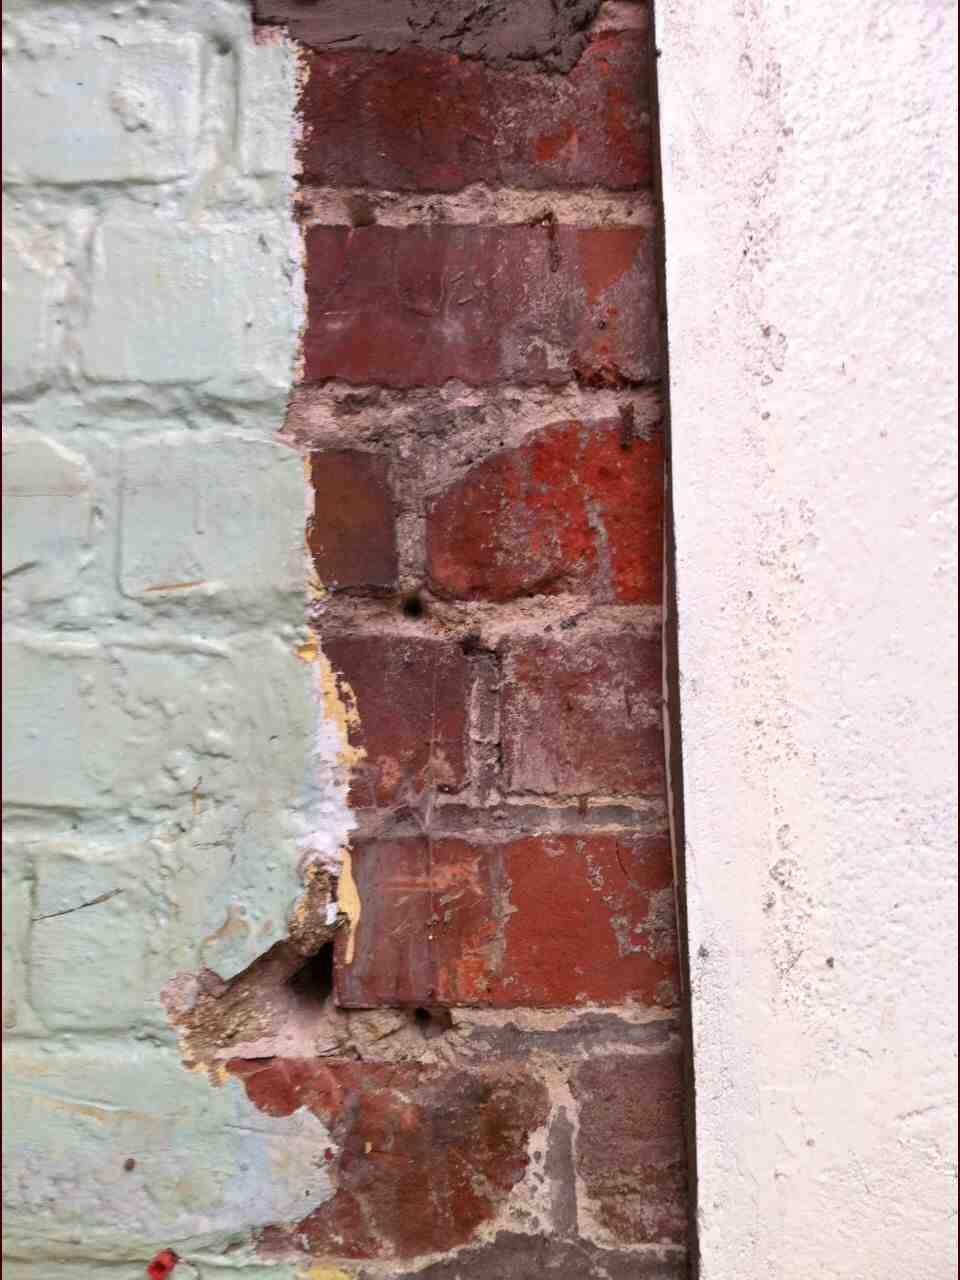 Comment enlever de la peinture sur de la brique ?